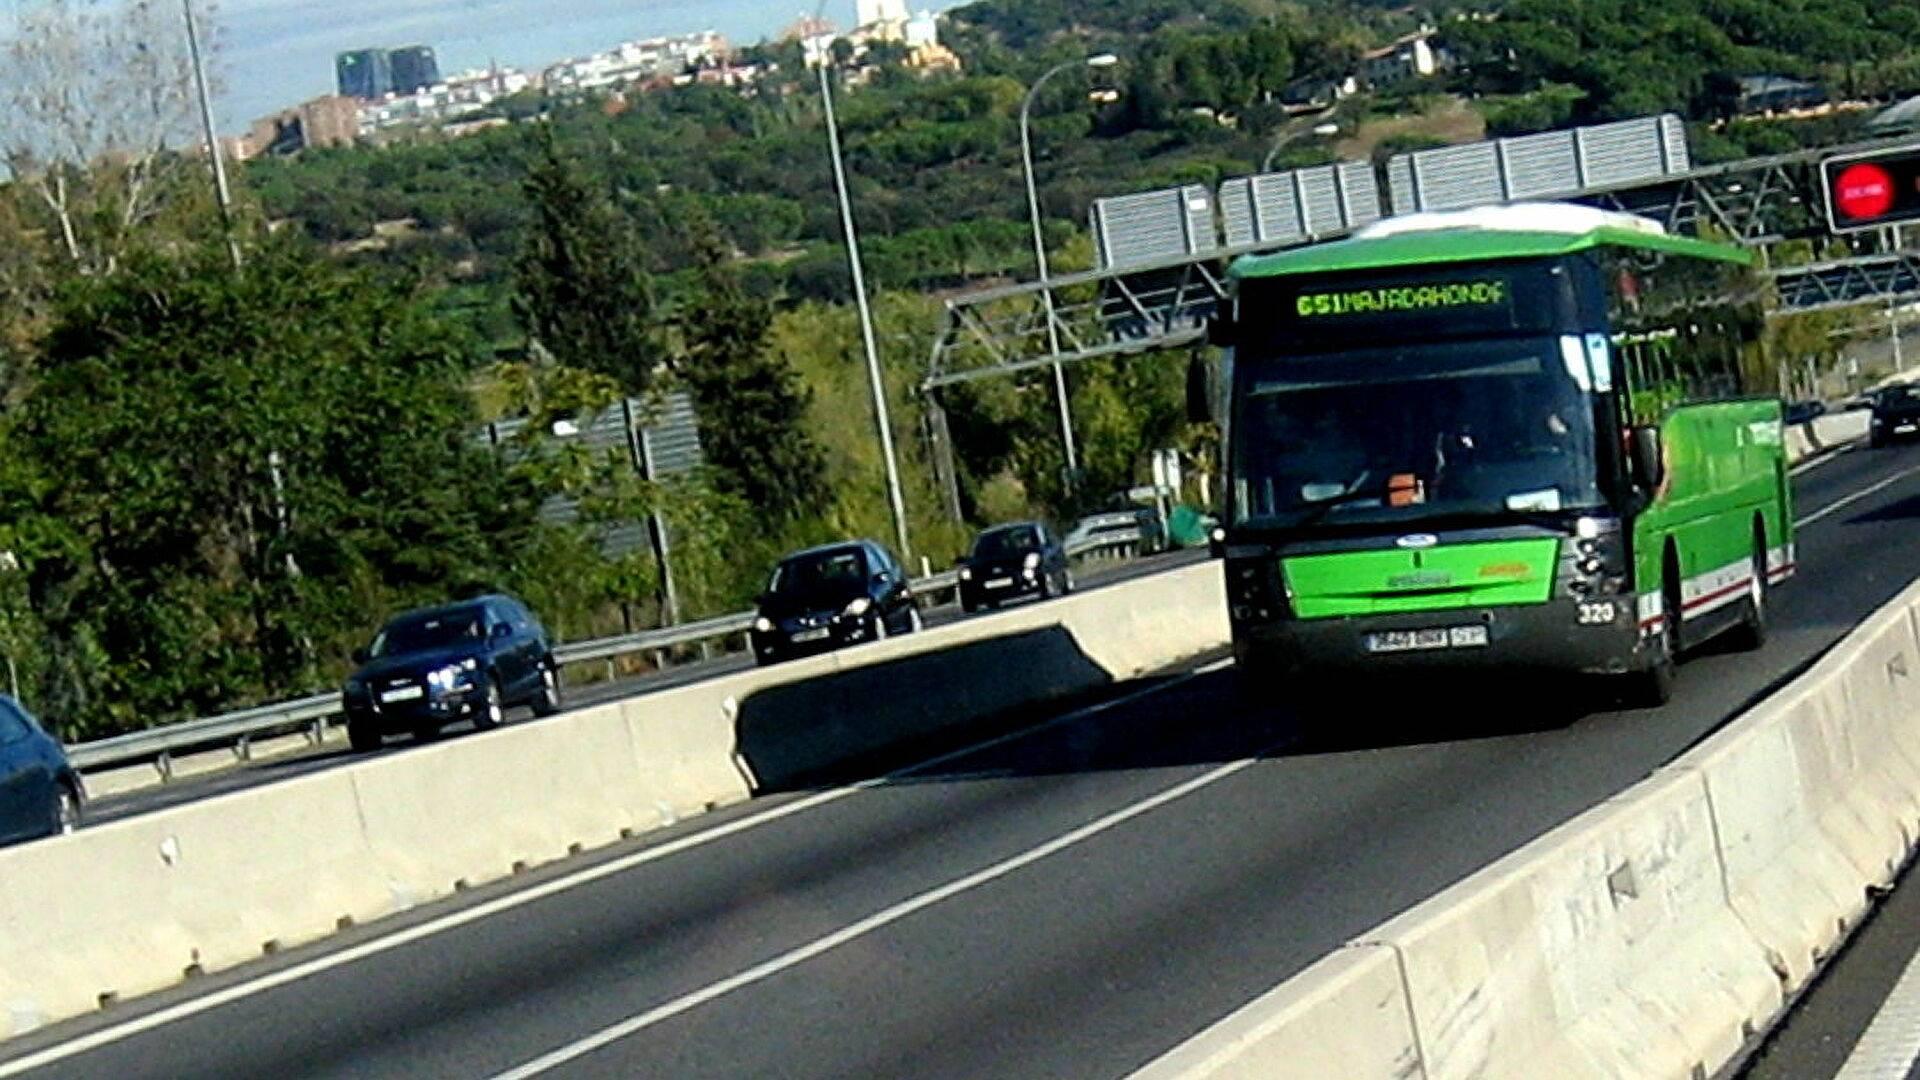 Туристический автобус hop on hop off в мадриде